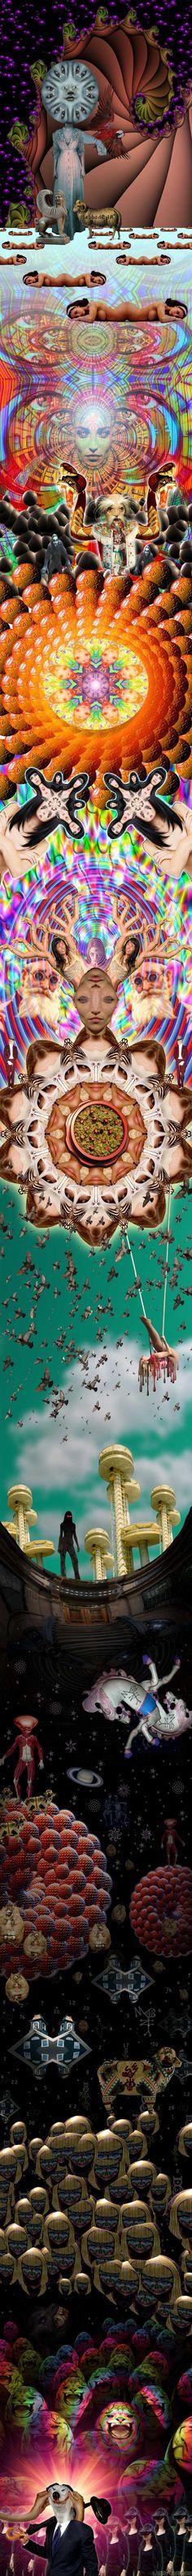 scrolls de larry carlson pero el artista en cuestion tiene mas arte con eso me refiero a videos ,animaciones ,fotoarte y  mas! - http://tuerespirata.com.ar/index.php?topic=2594